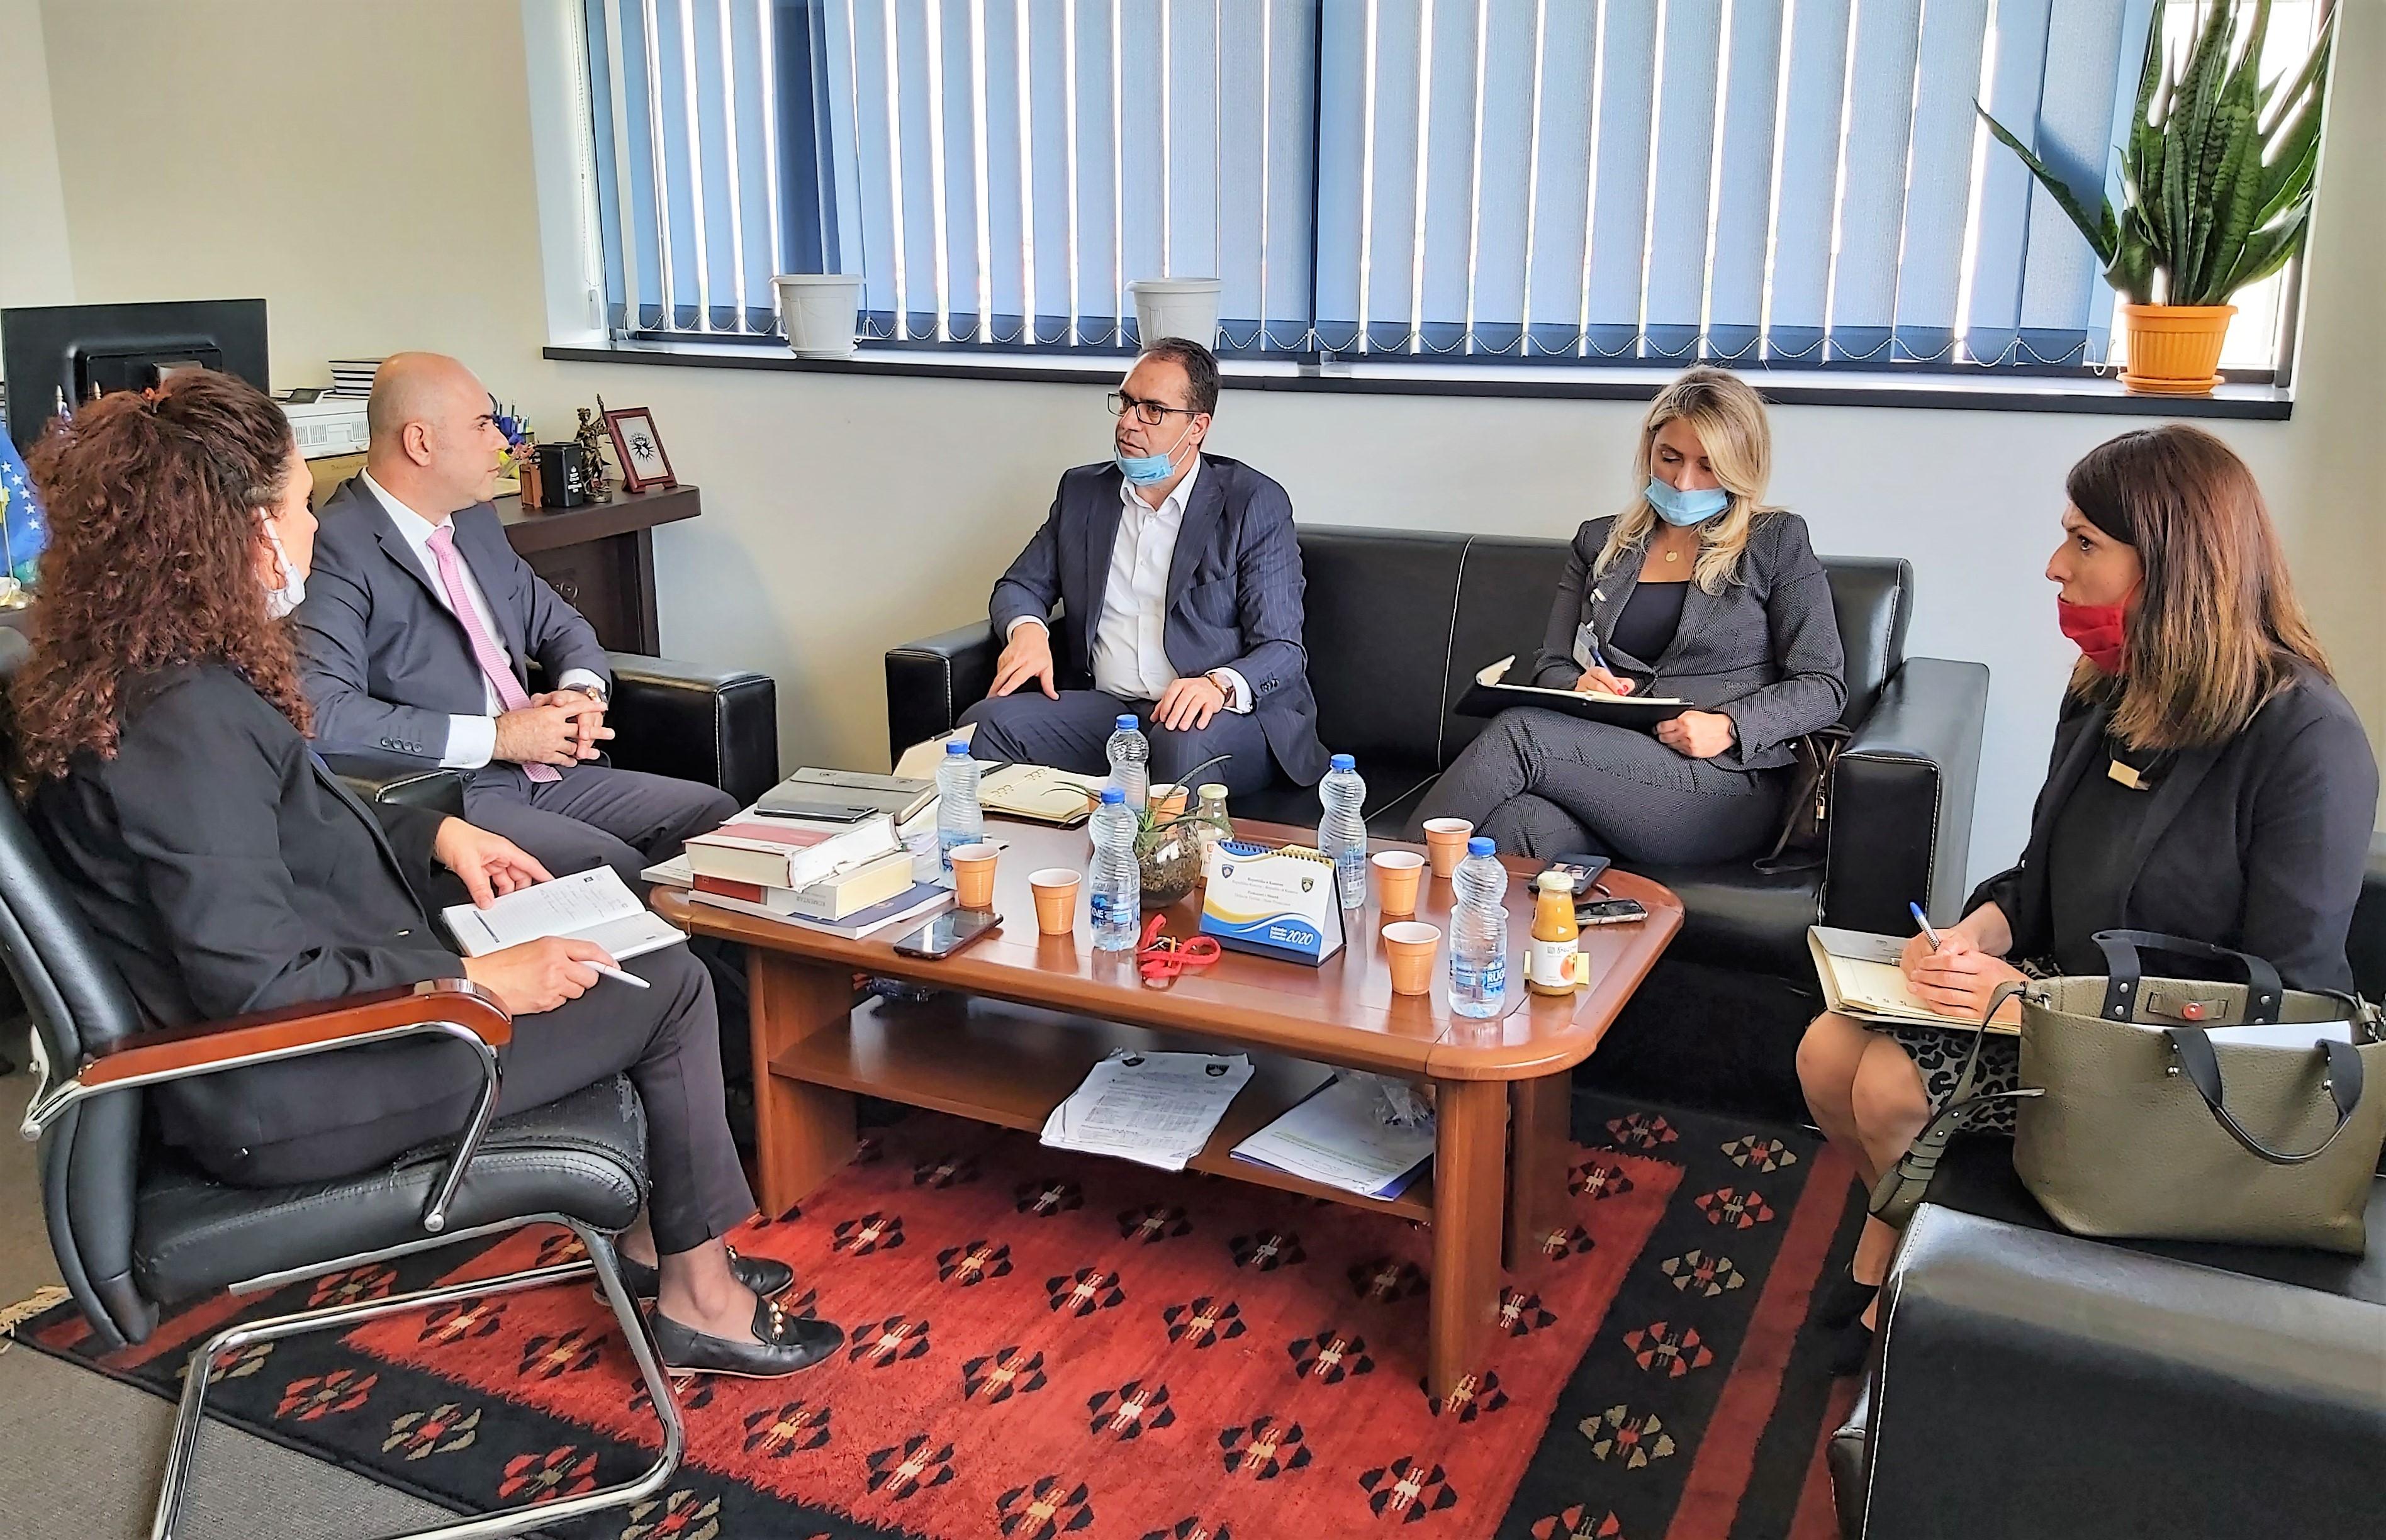 Drejtori Krasniqi ka vizituar Prokurorinë Themelore të Prishtinës